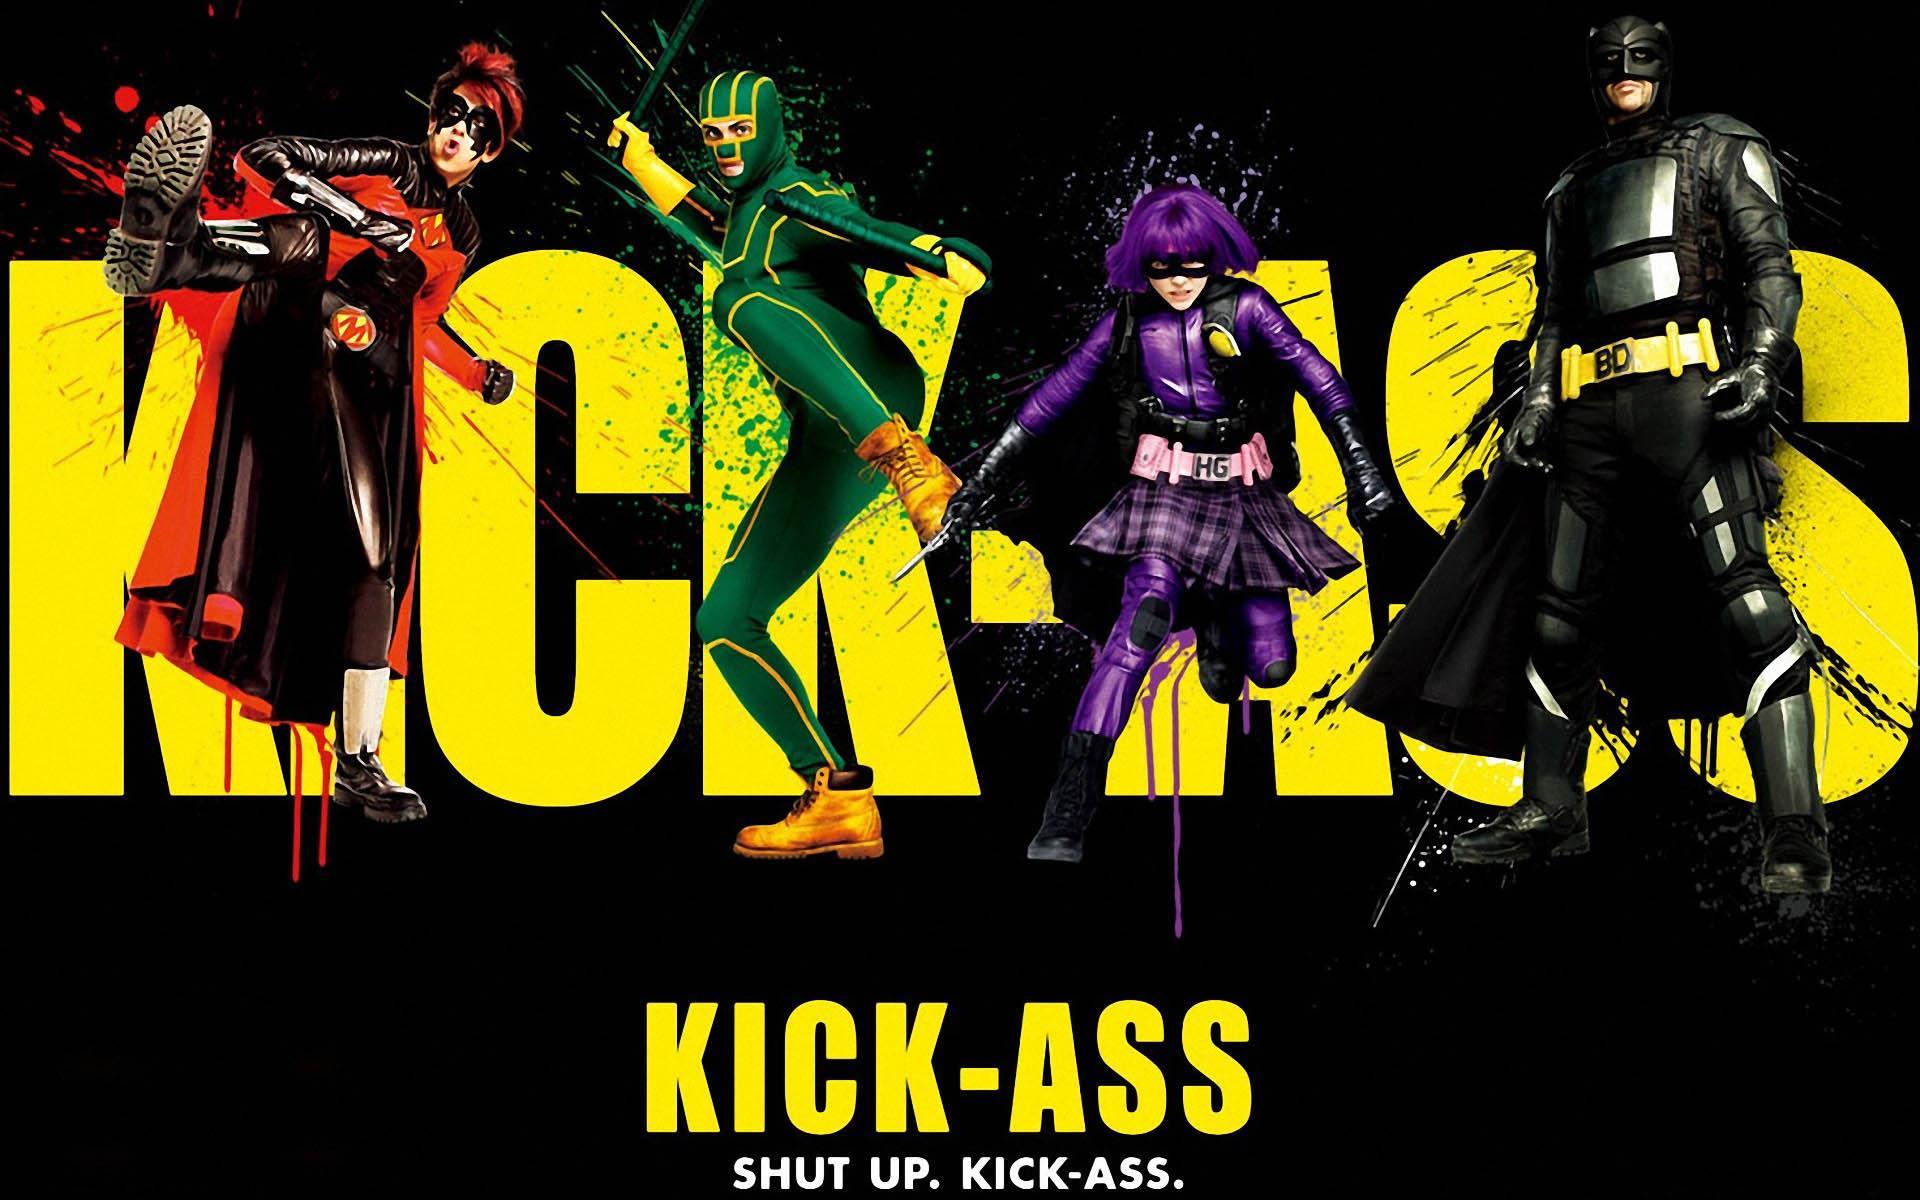 Kickass wallpaper   1424640 1920x1200